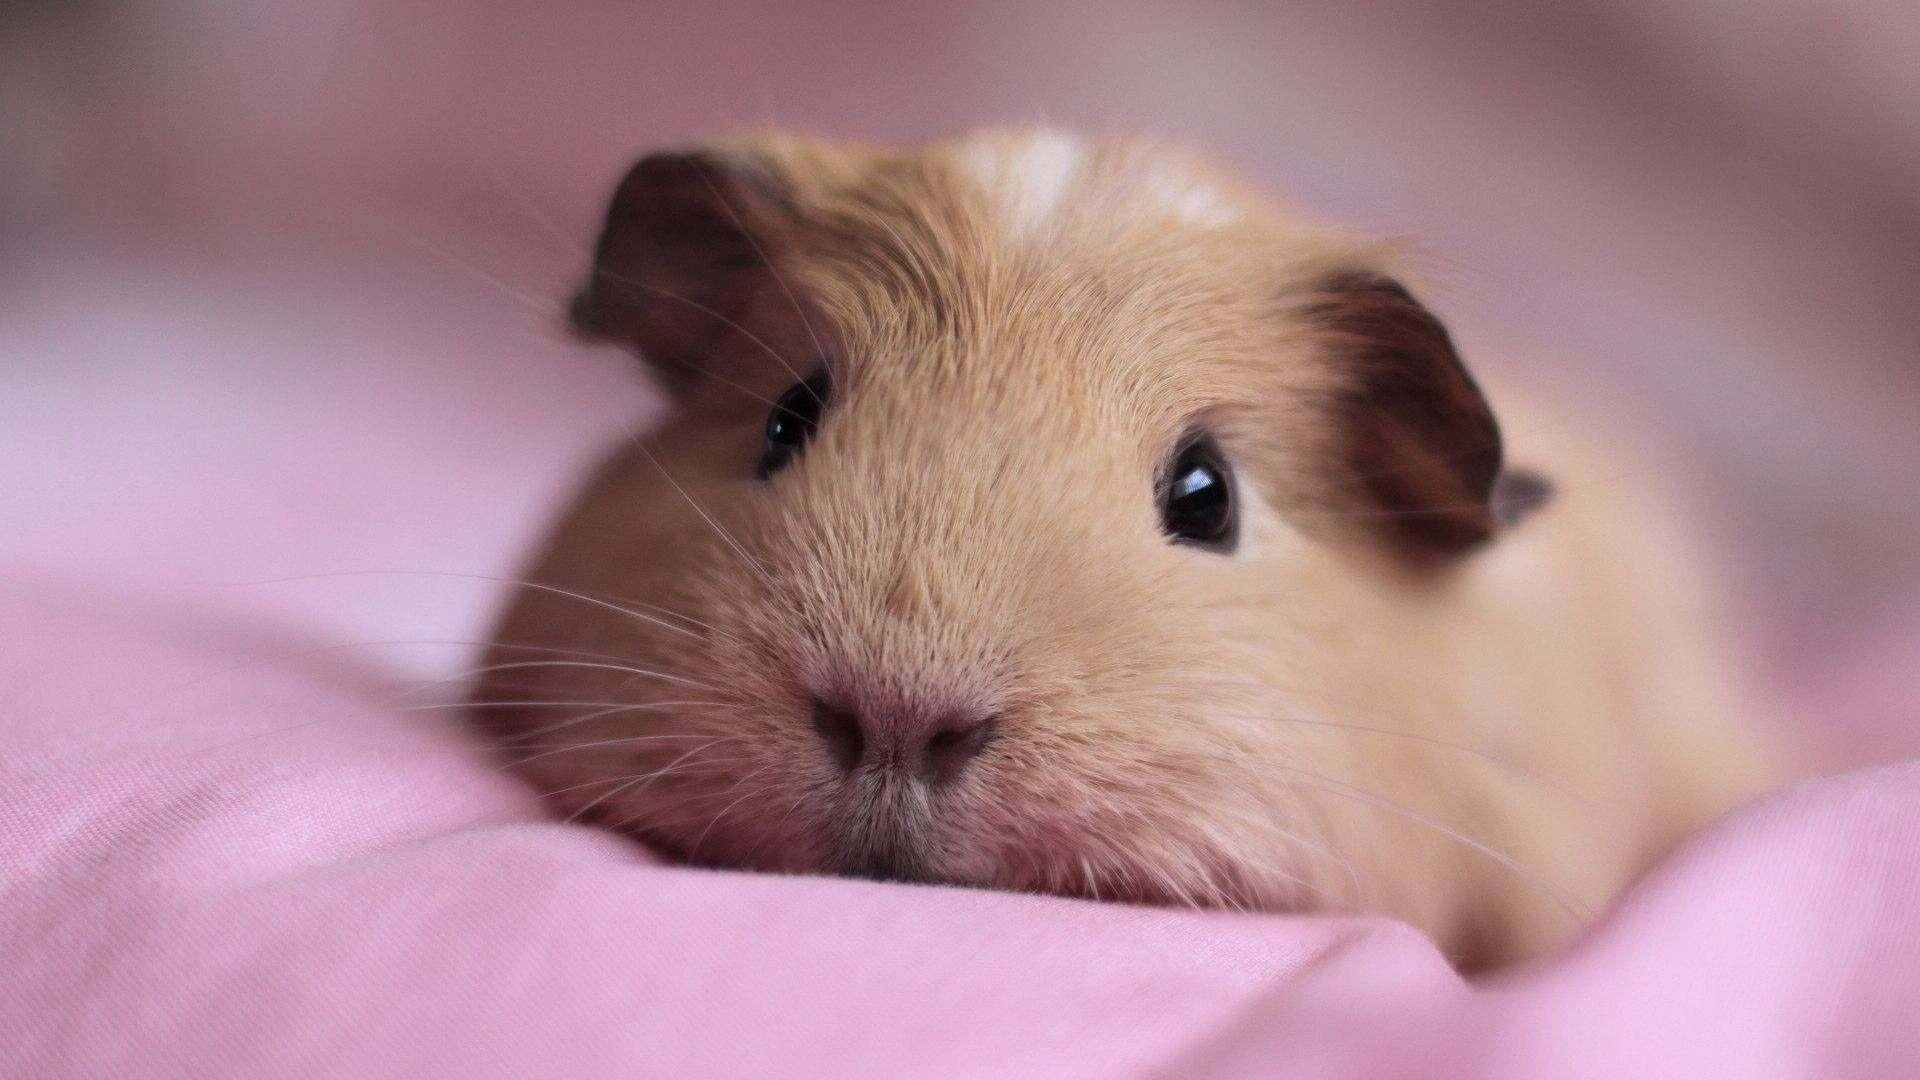 我们常用哪种动物来形容吝啬小气,一毛不拔的人?